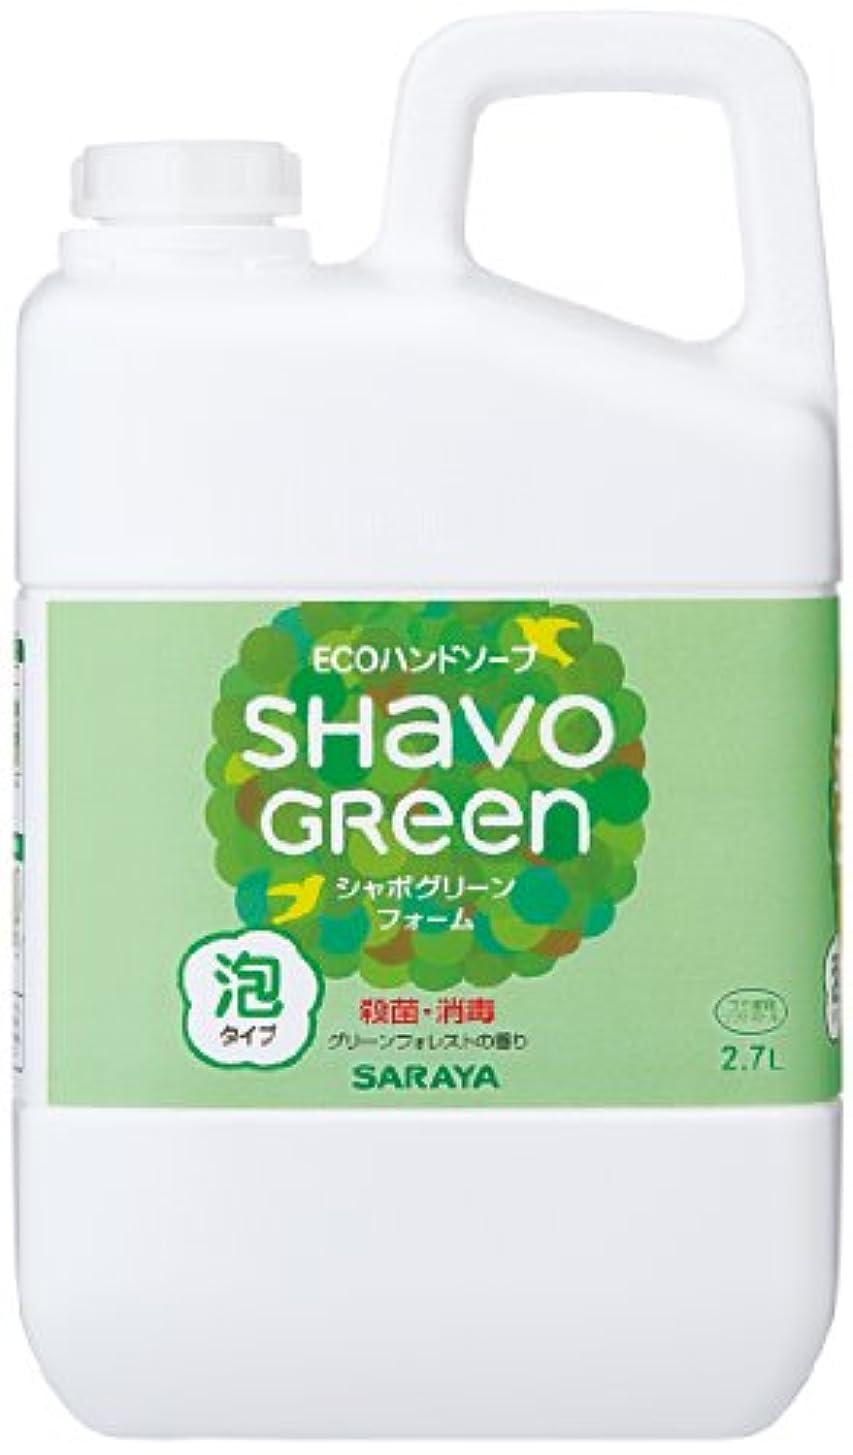 無意識接ぎ木薬サラヤ シャボグリーン フォーム 詰替用 2.7L